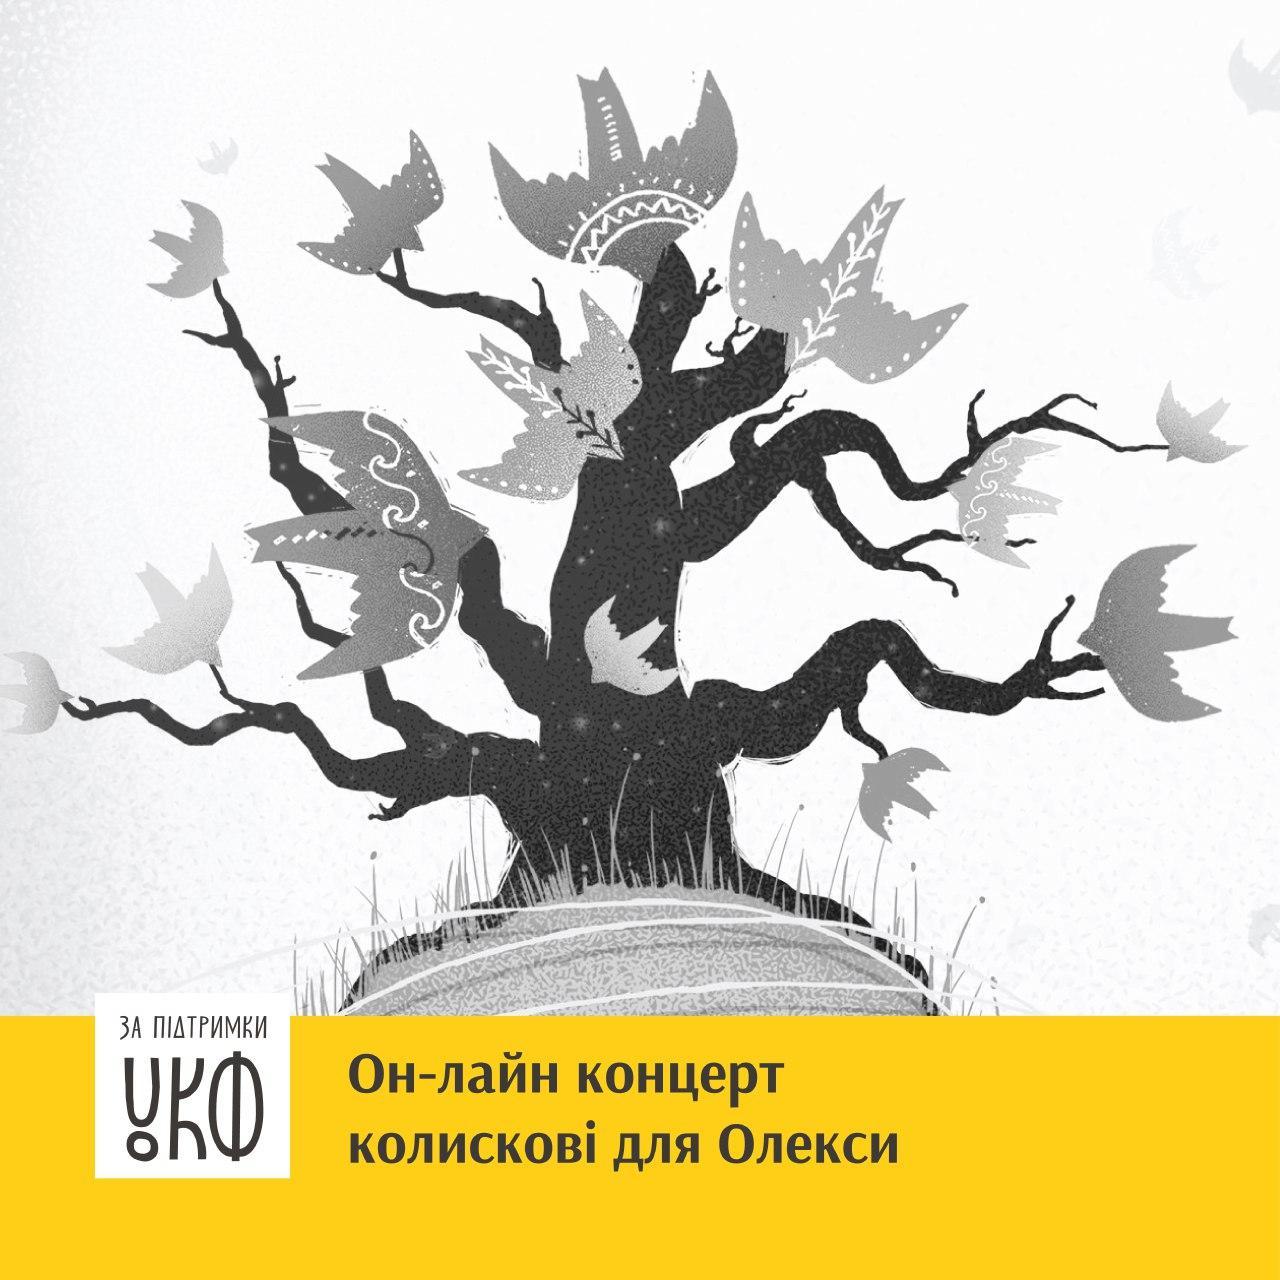 «Колискові для Олекси»: Український культурний фонд запрошує на онлайн-концерт -  - 120751377 1229433444116058 6640092046110195375 o